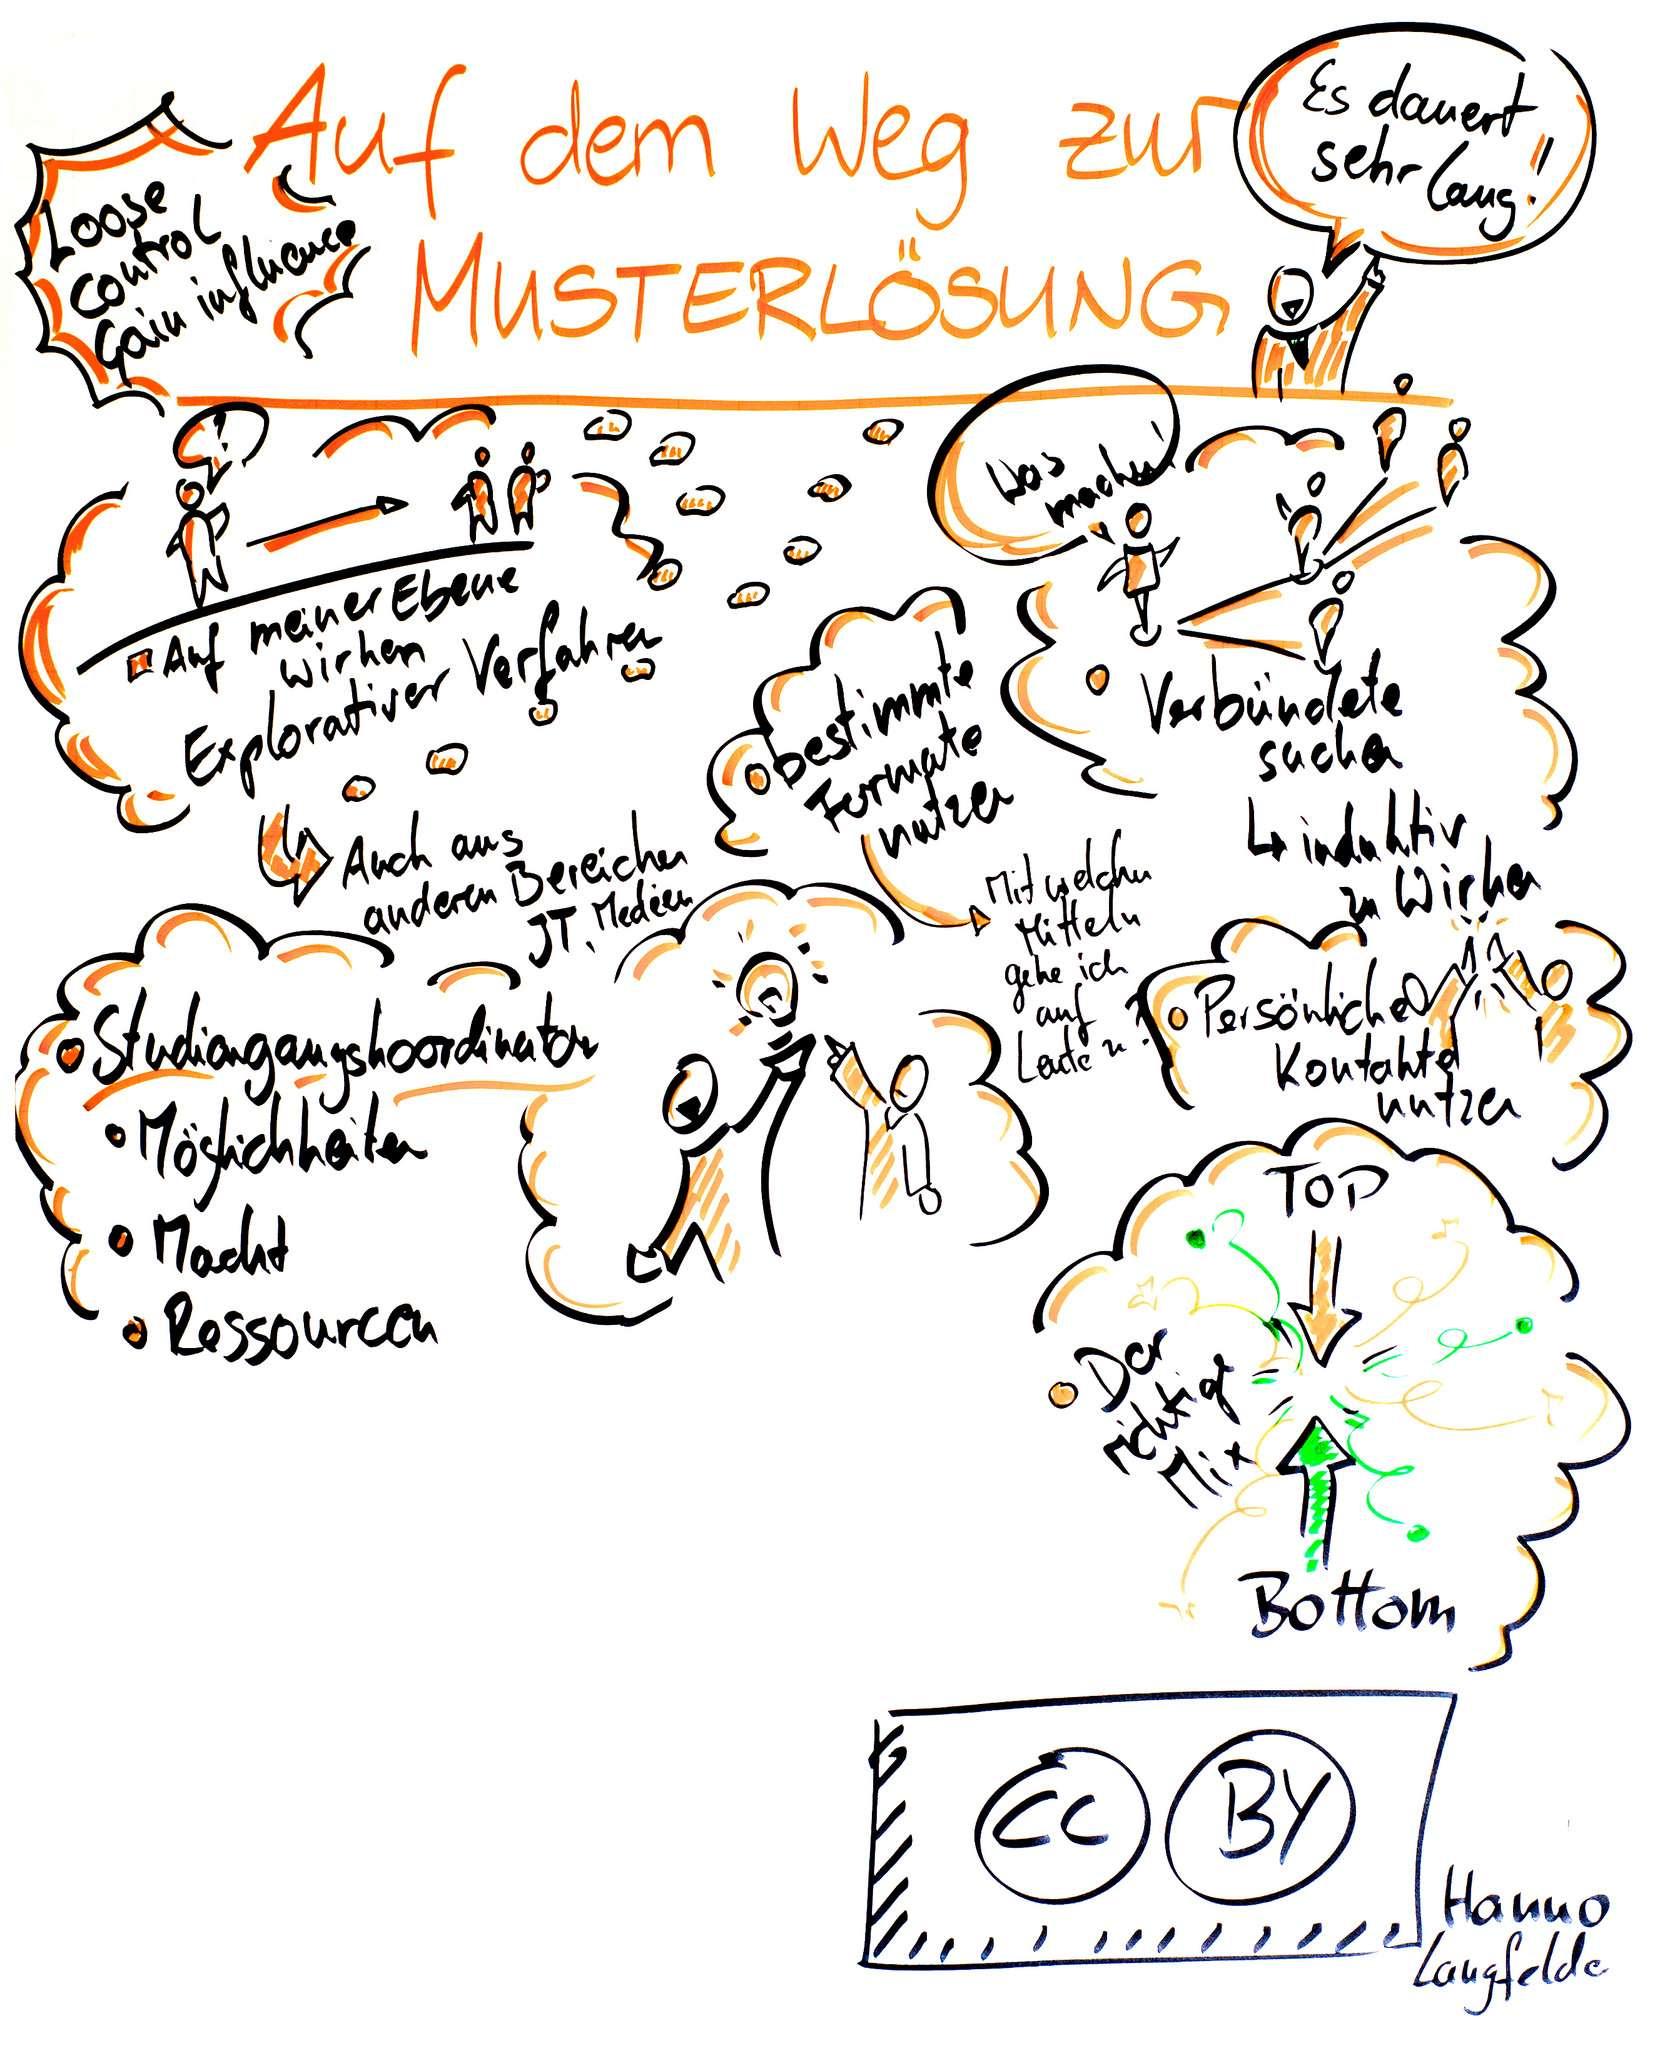 OER Change Management - Auf dem Weg zur Musterlösung zeigt viele einzelne Bestandteile die im Change Management berücksichtigt werden soll. Einige Aspekte sind: Es dauert lange! Loose control gain influence, auf meiner Ebene wirken explorative Verfahren, bestimmte Formate nutzen, verbündete suchen, persönliche Kontakte nutzen und und und.